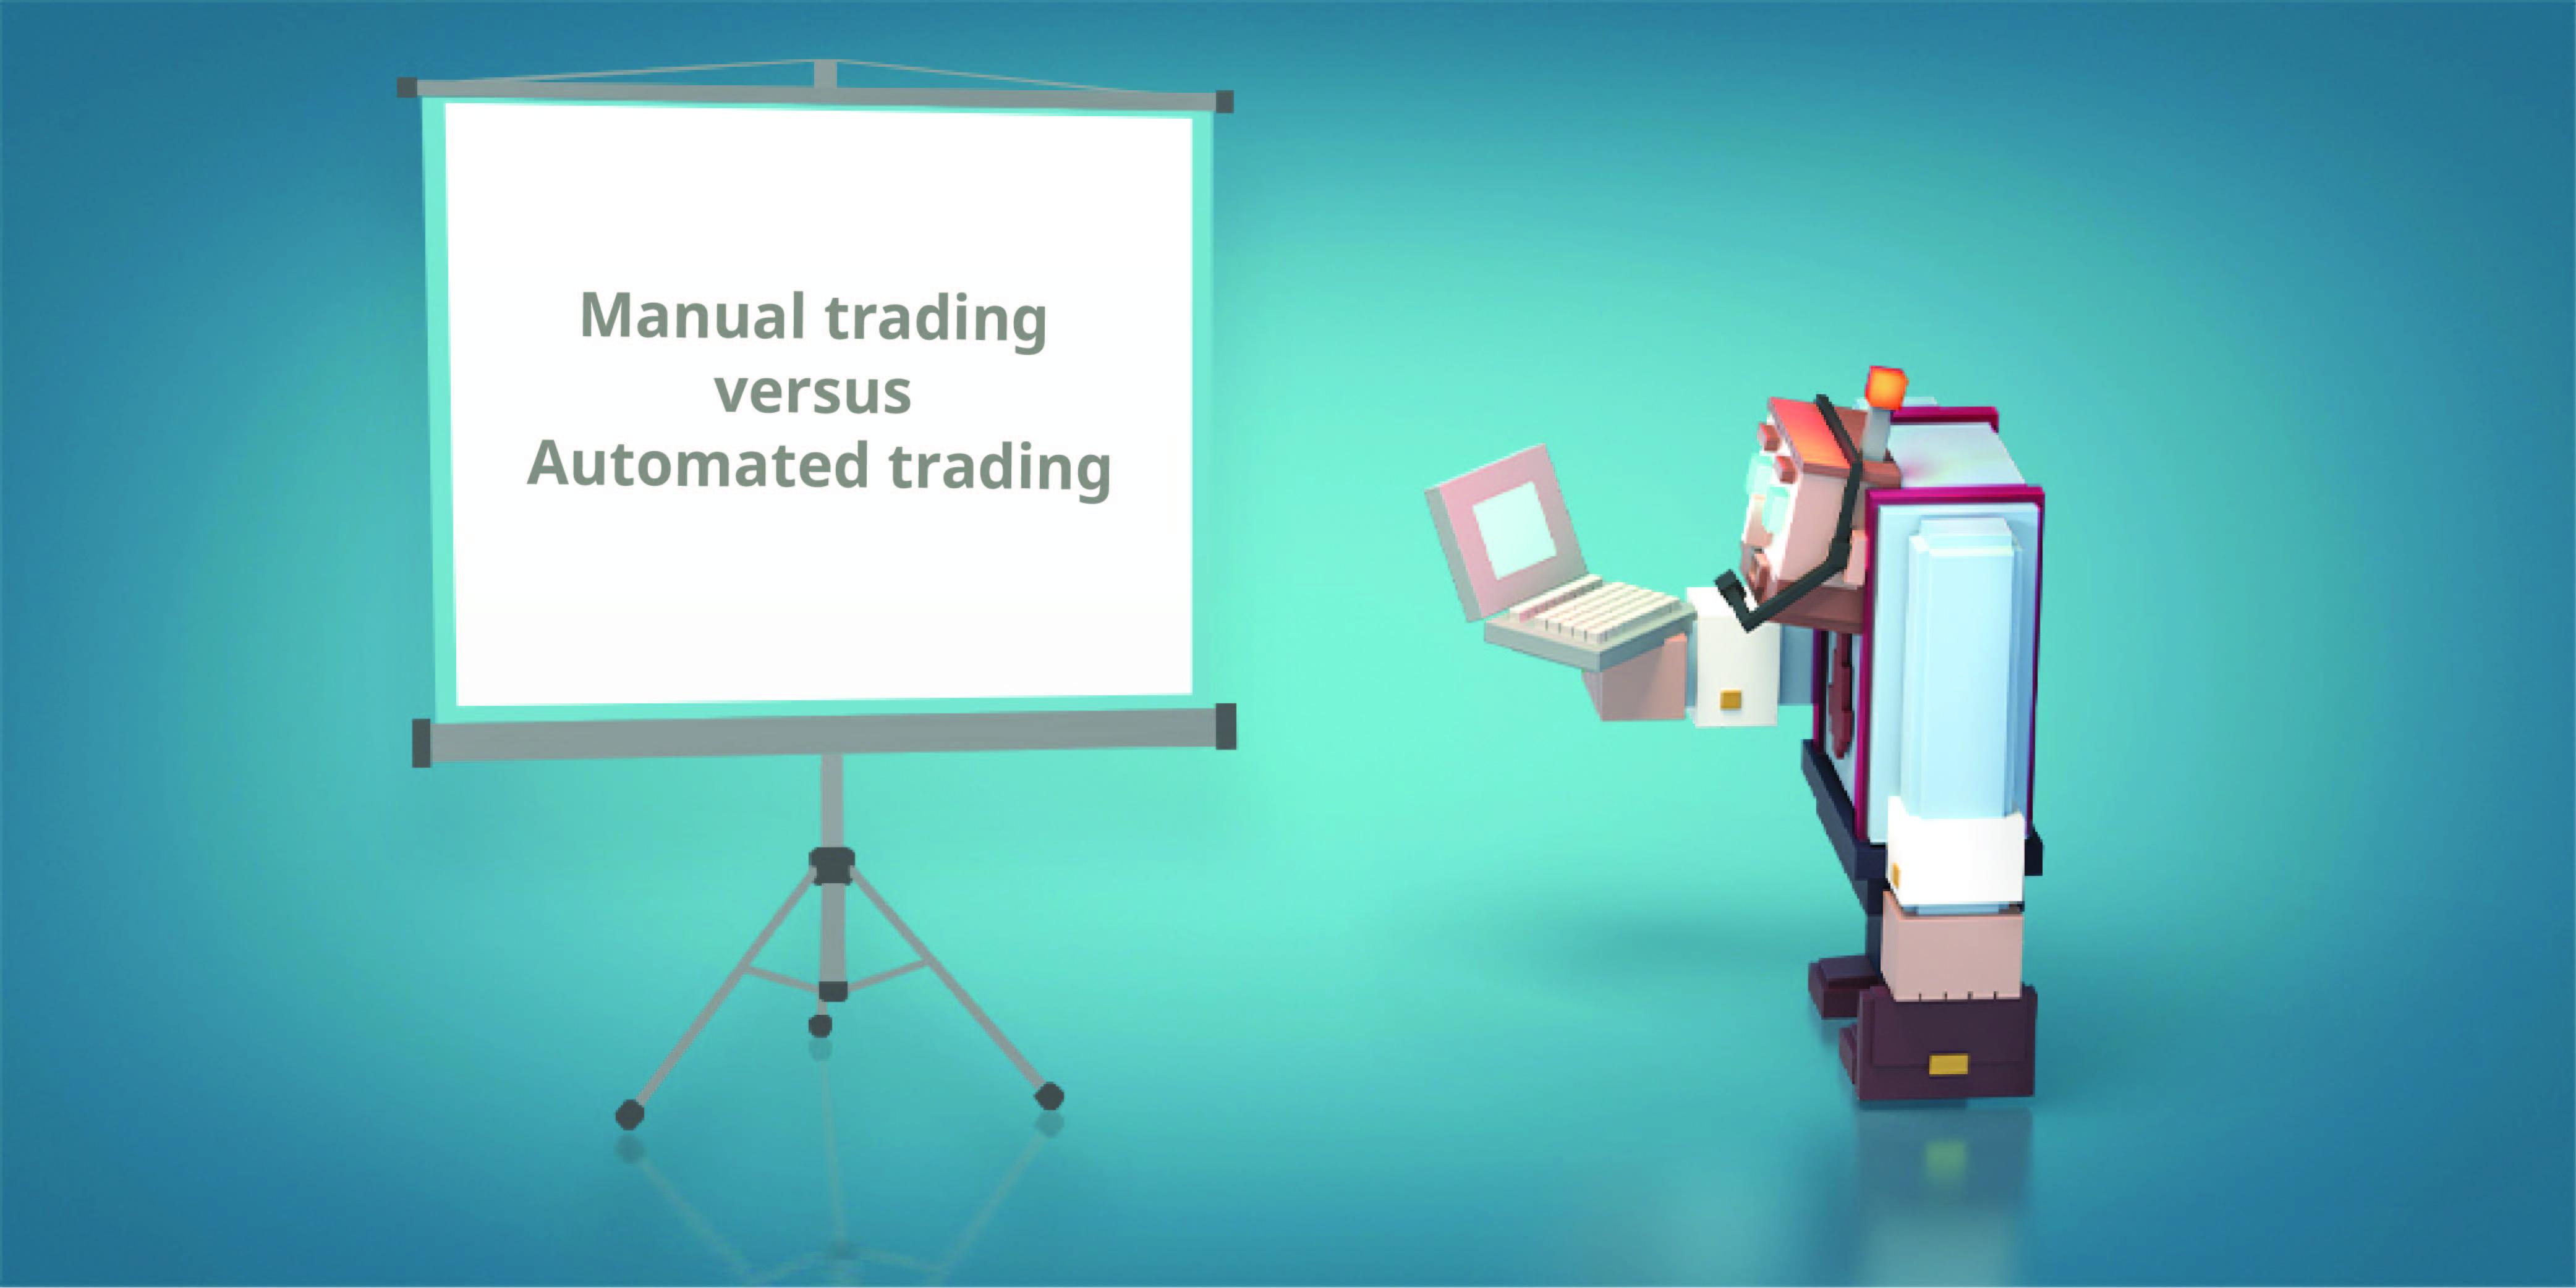 Beleggen voor beginners-Handmatig versus geautomatiseerd beleggen